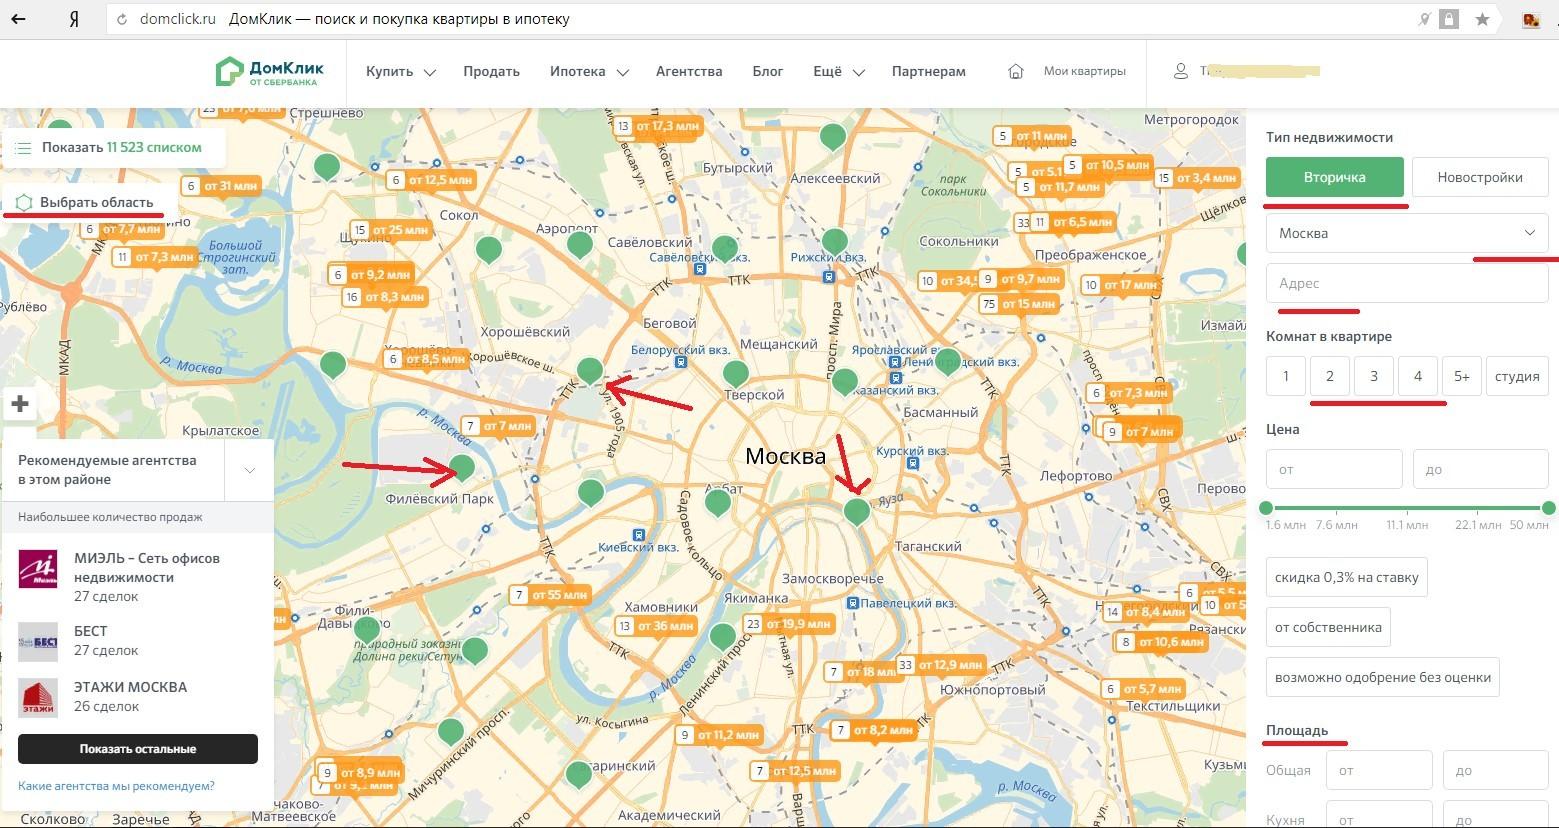 Клавиша в ДомКлике «Вторичка» — подвижная карта с объектами